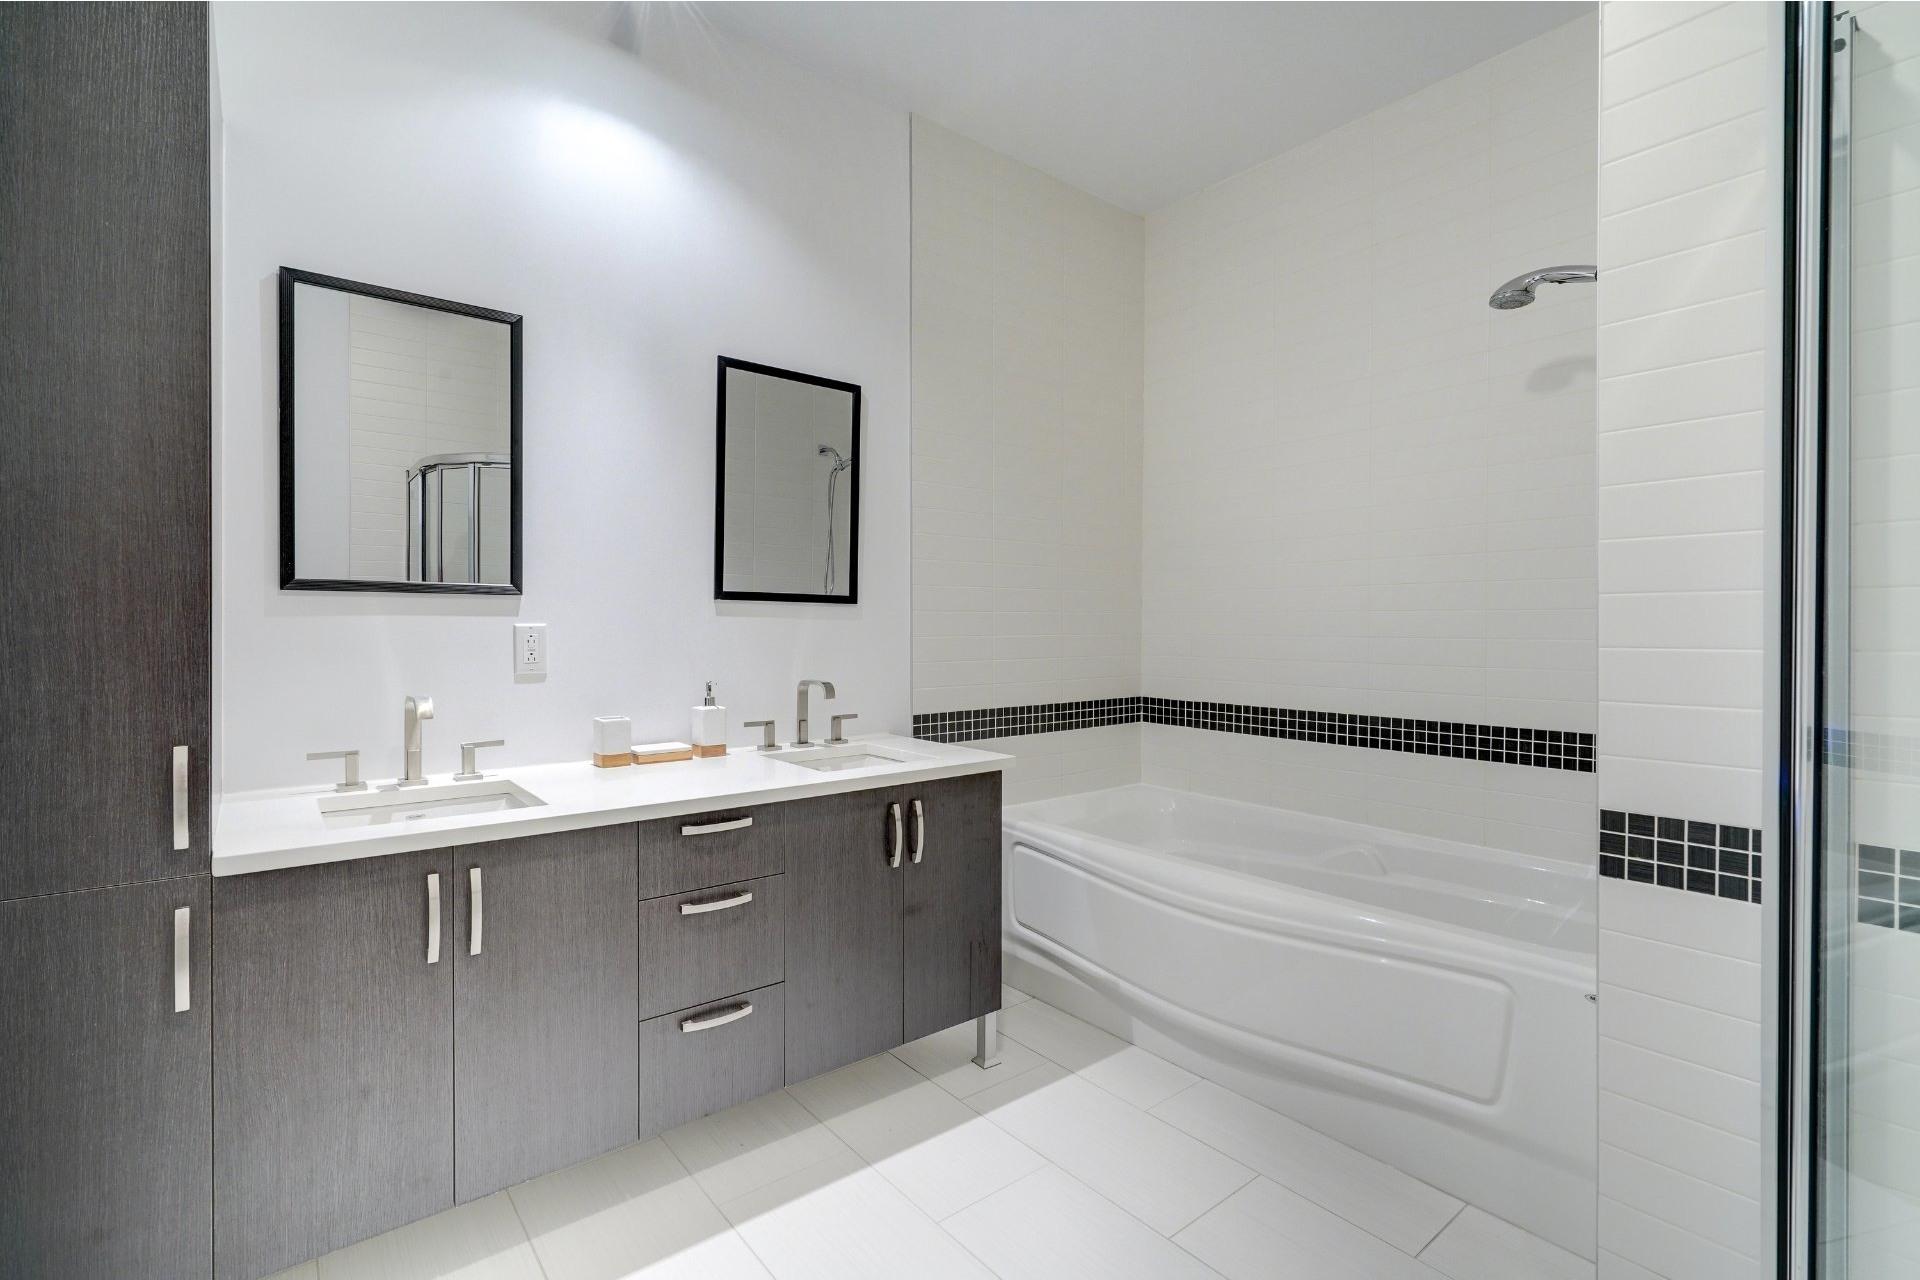 image 11 - Appartement À vendre Lachine Montréal  - 11 pièces